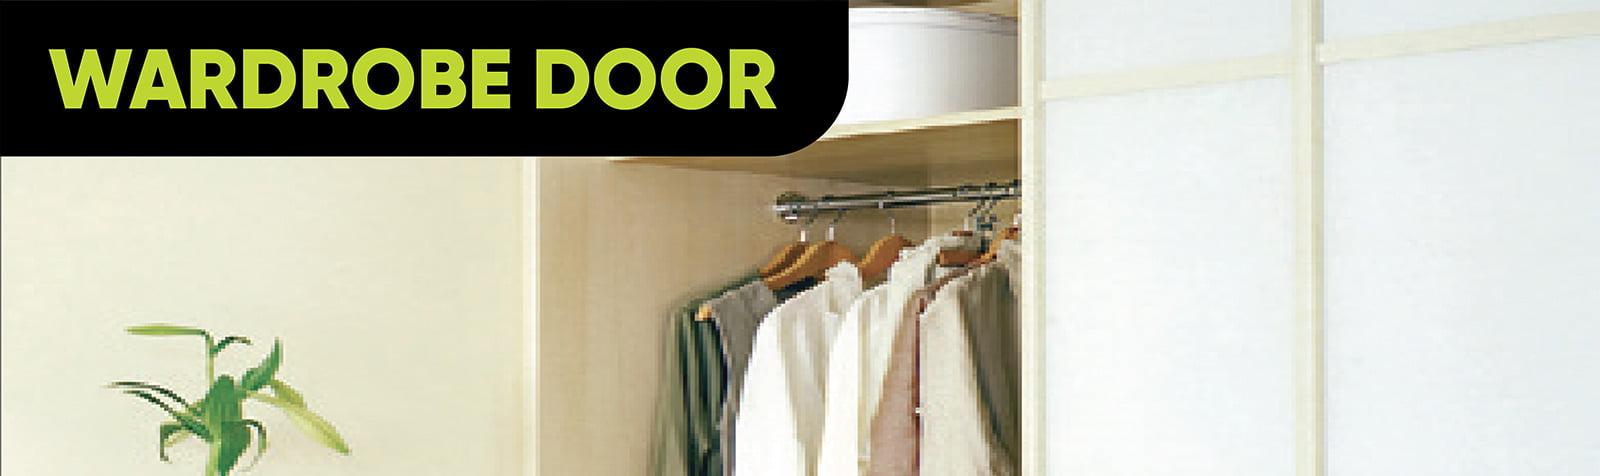 Door Hardware Wardrobe Door Category Banner